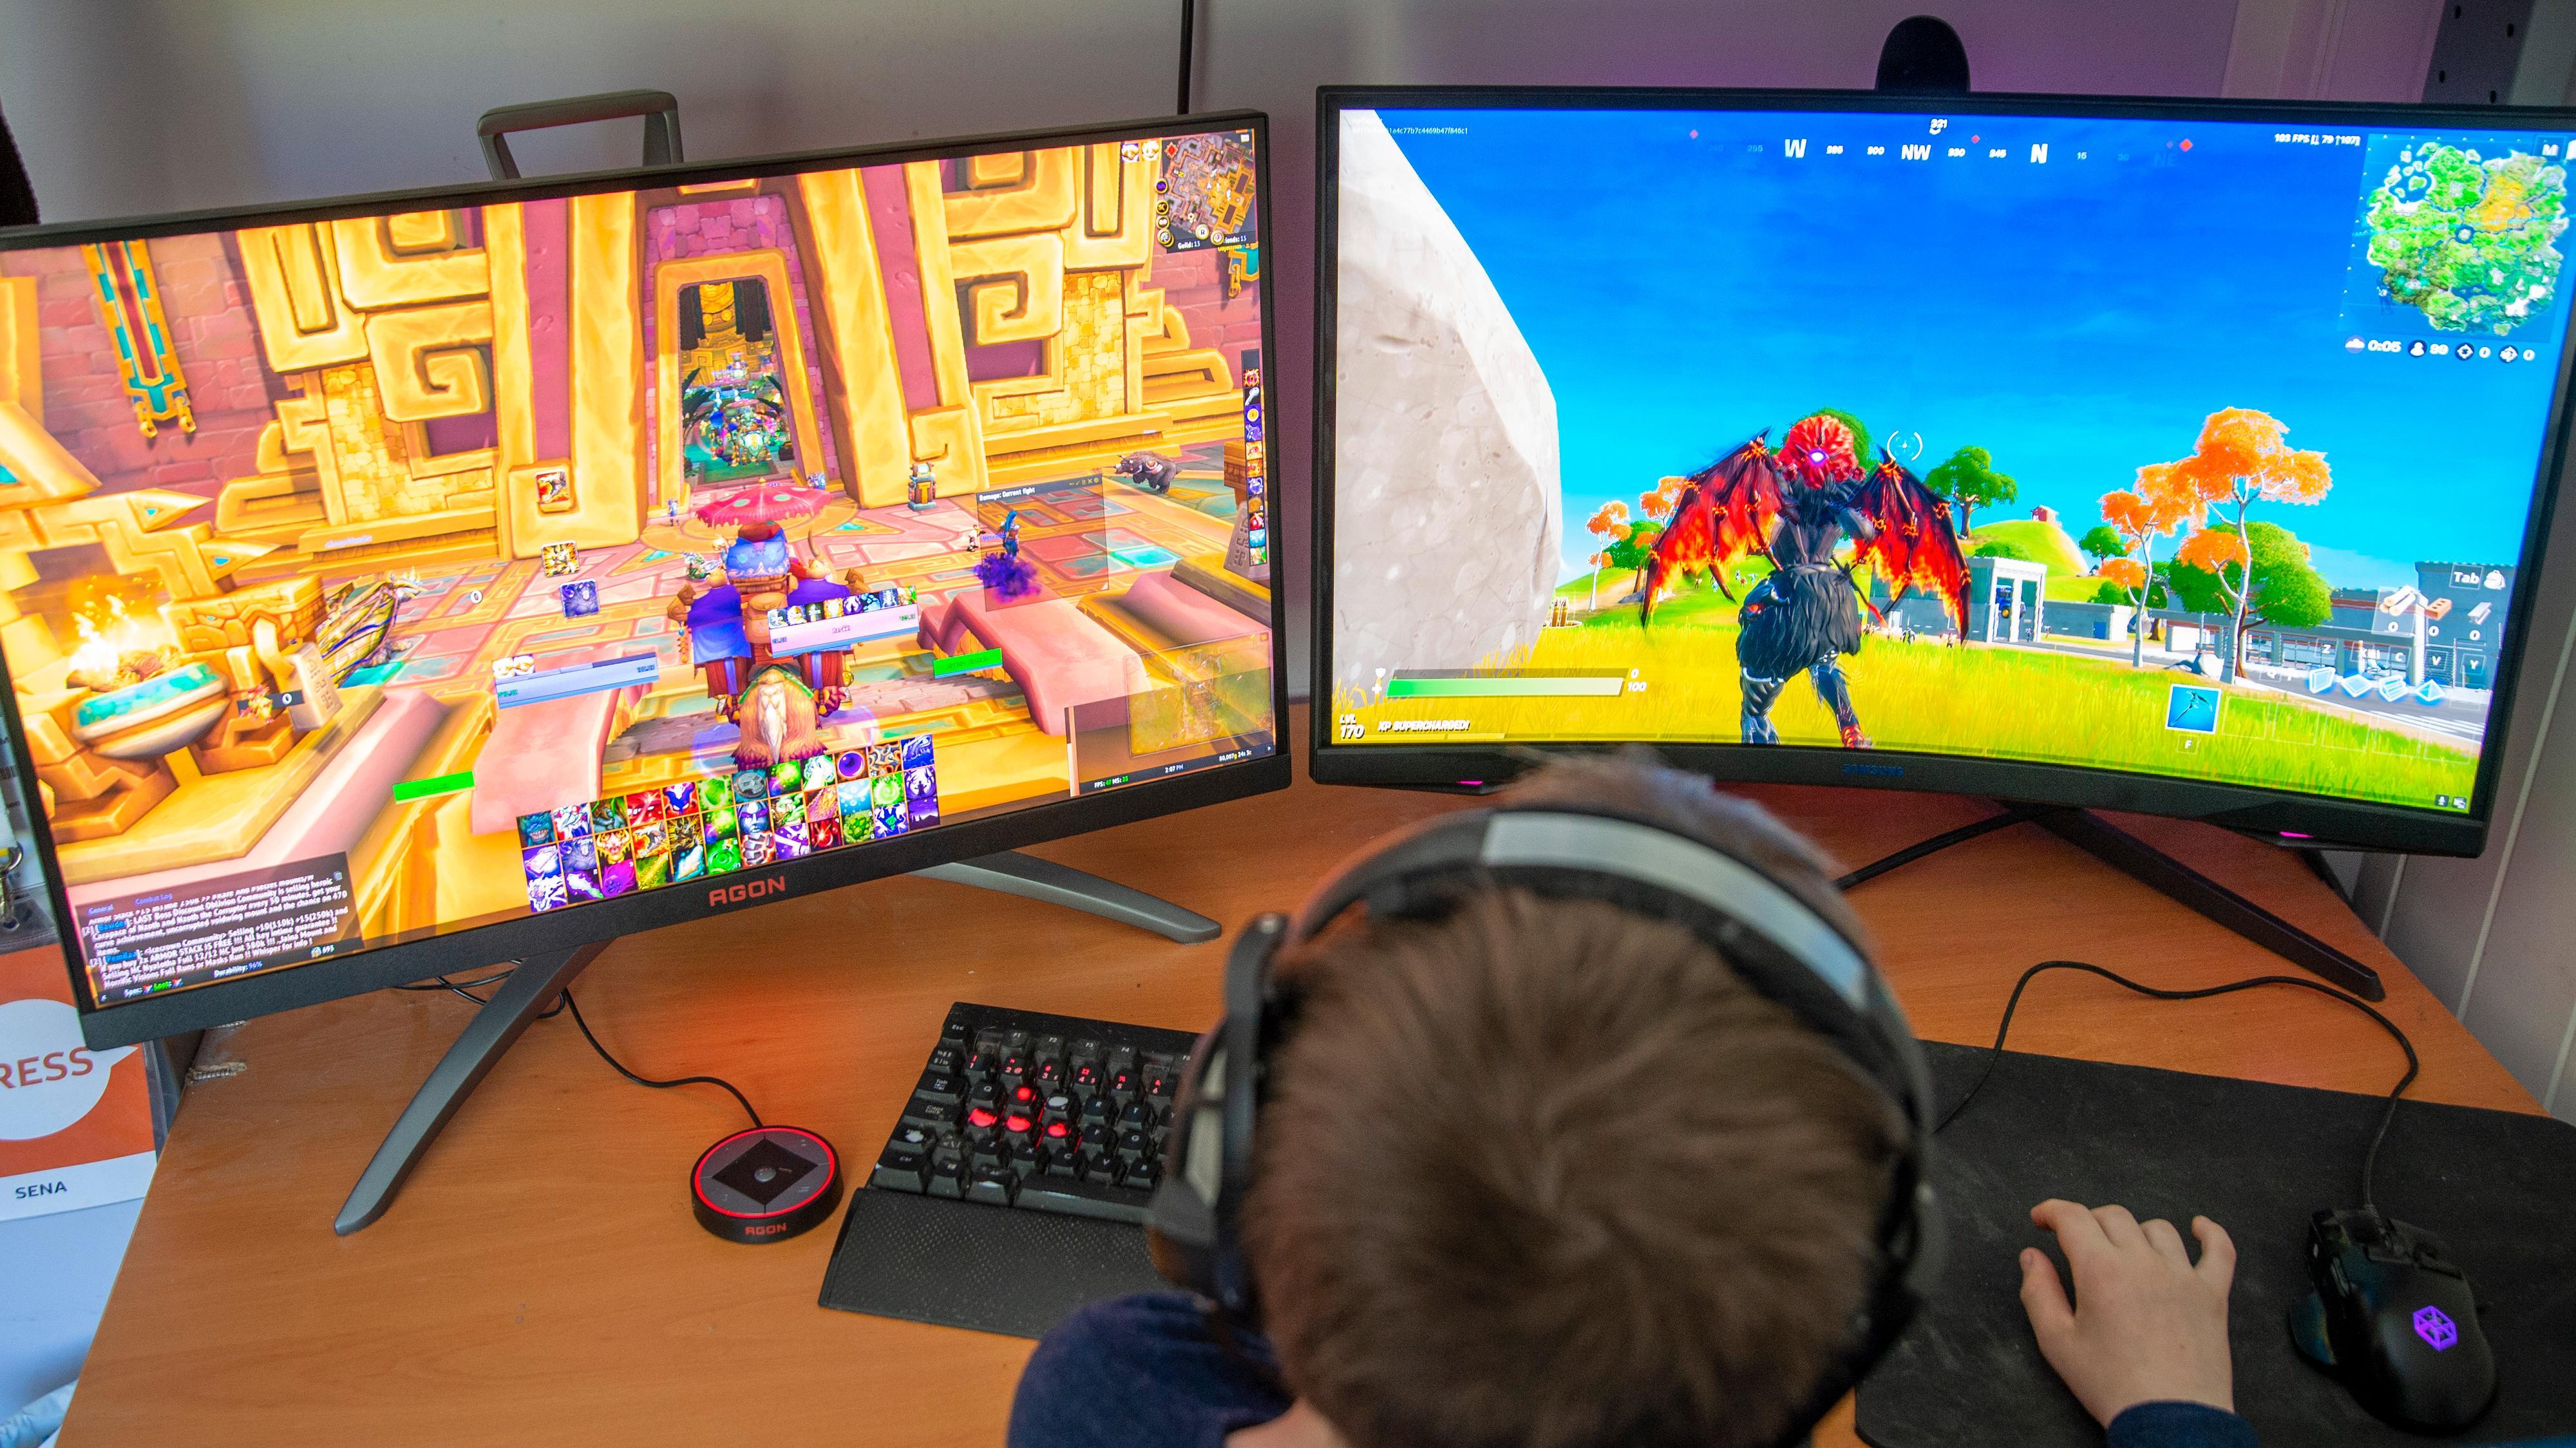 Skytespill er mer tjent med enda høyere antall bilder enn tradisjonelle rollespill.